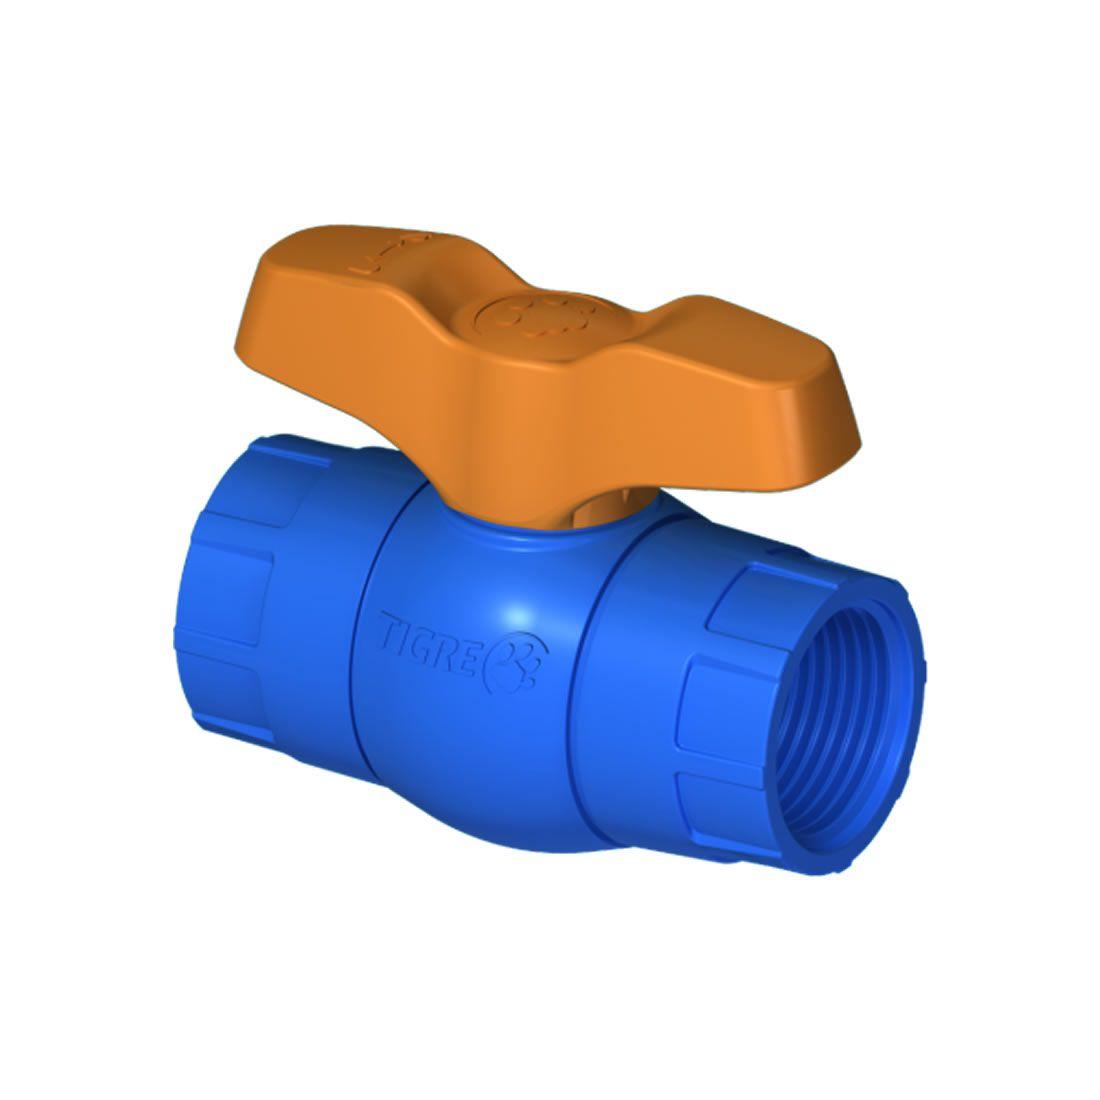 Registro Esfera Roscável Irrigação Pvc Azul Tigre 1.1/2